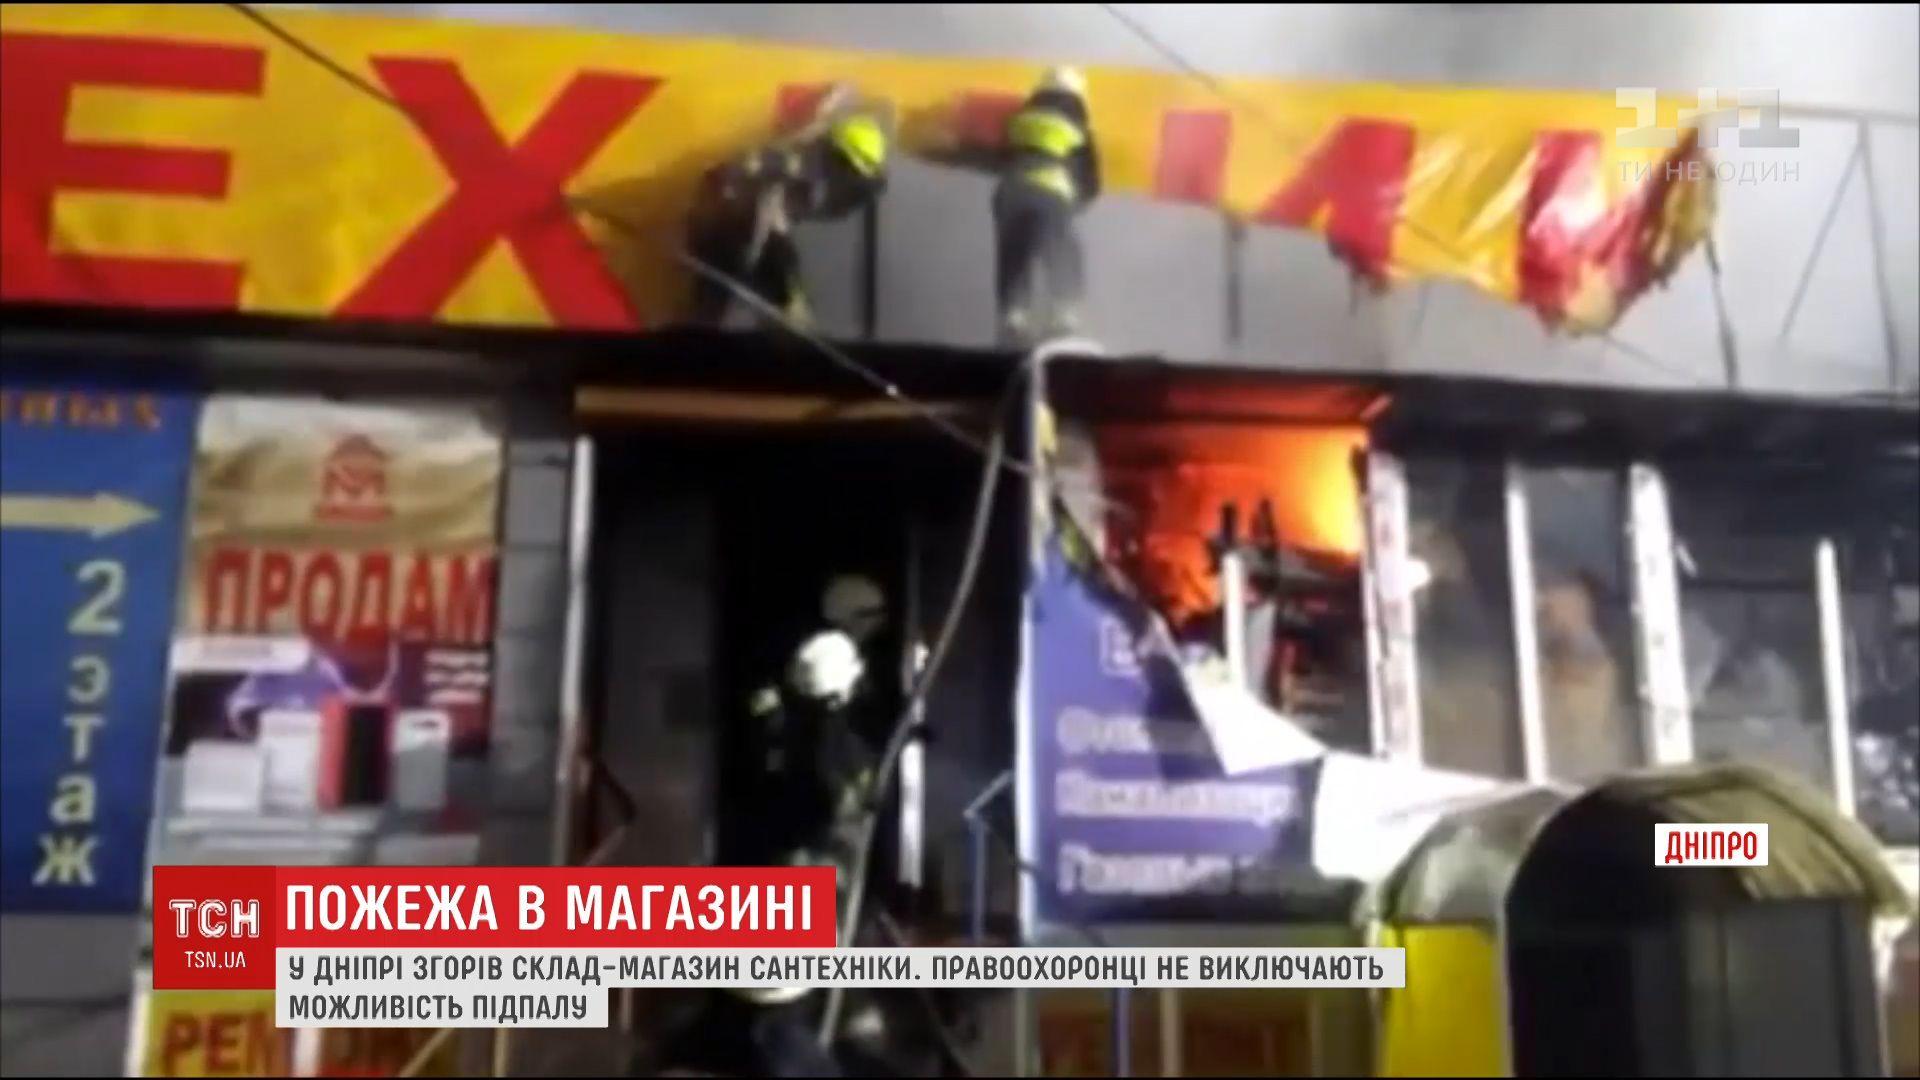 У Дніпрі згорів склад-магазин сантехніки / скріншот